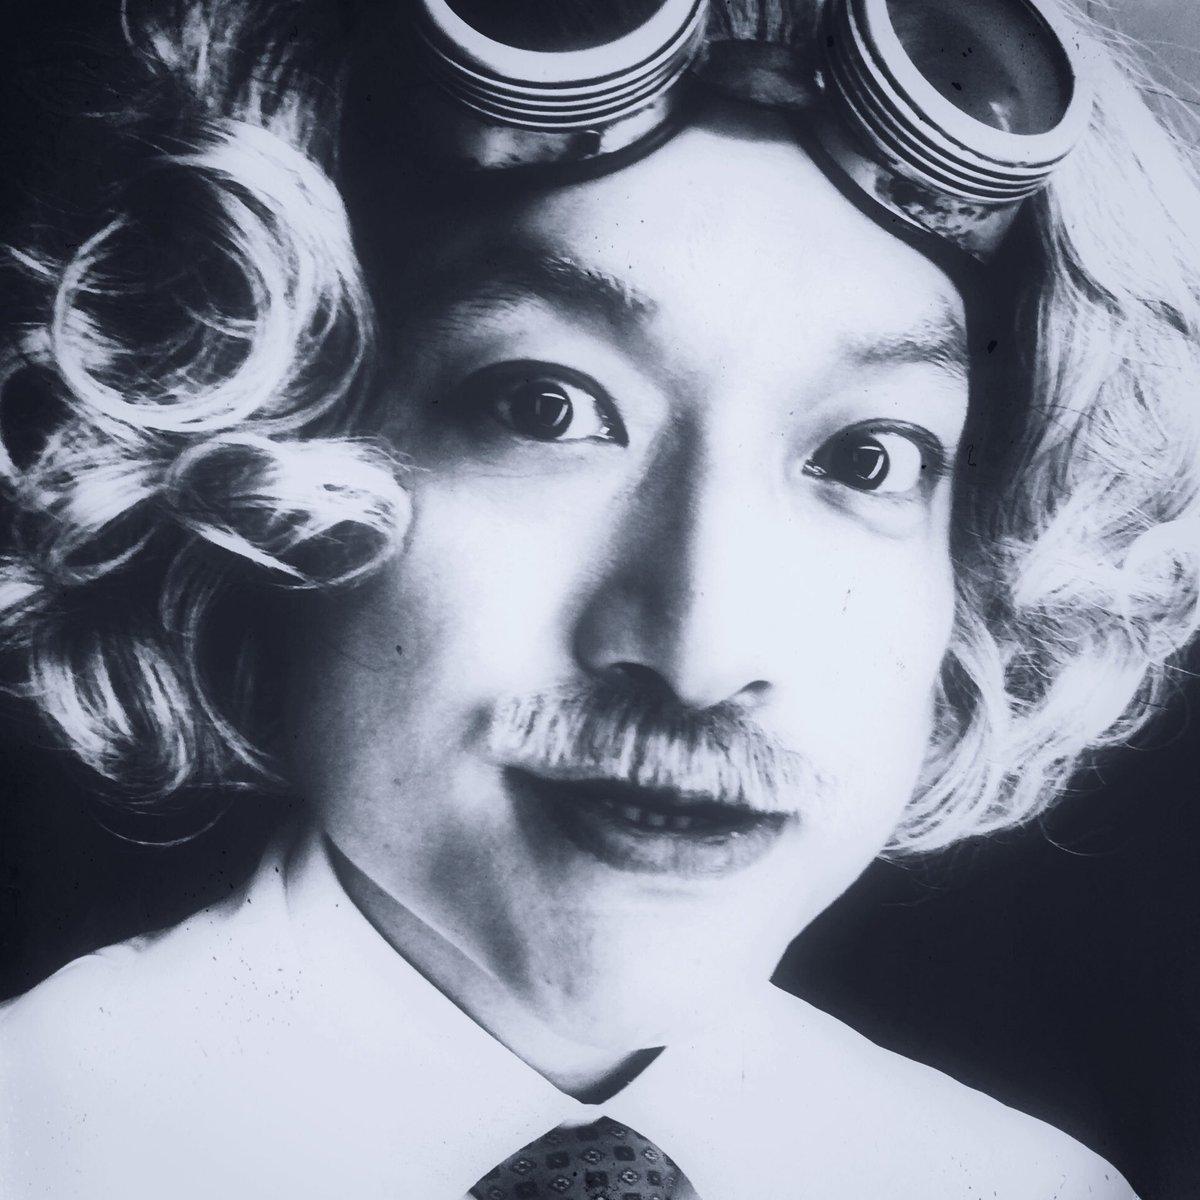 オールフリー オールタイム『Dr.SHINGO presents ALL-TIME』(ロングバージョン)2分17秒 稲垣吾郎 香取慎吾 サントリー youtu.be/H1Gx1S6O5Eo @YouTubeより  世界を変える物は 最初は大抵ヘンテコな物に みえるのです。